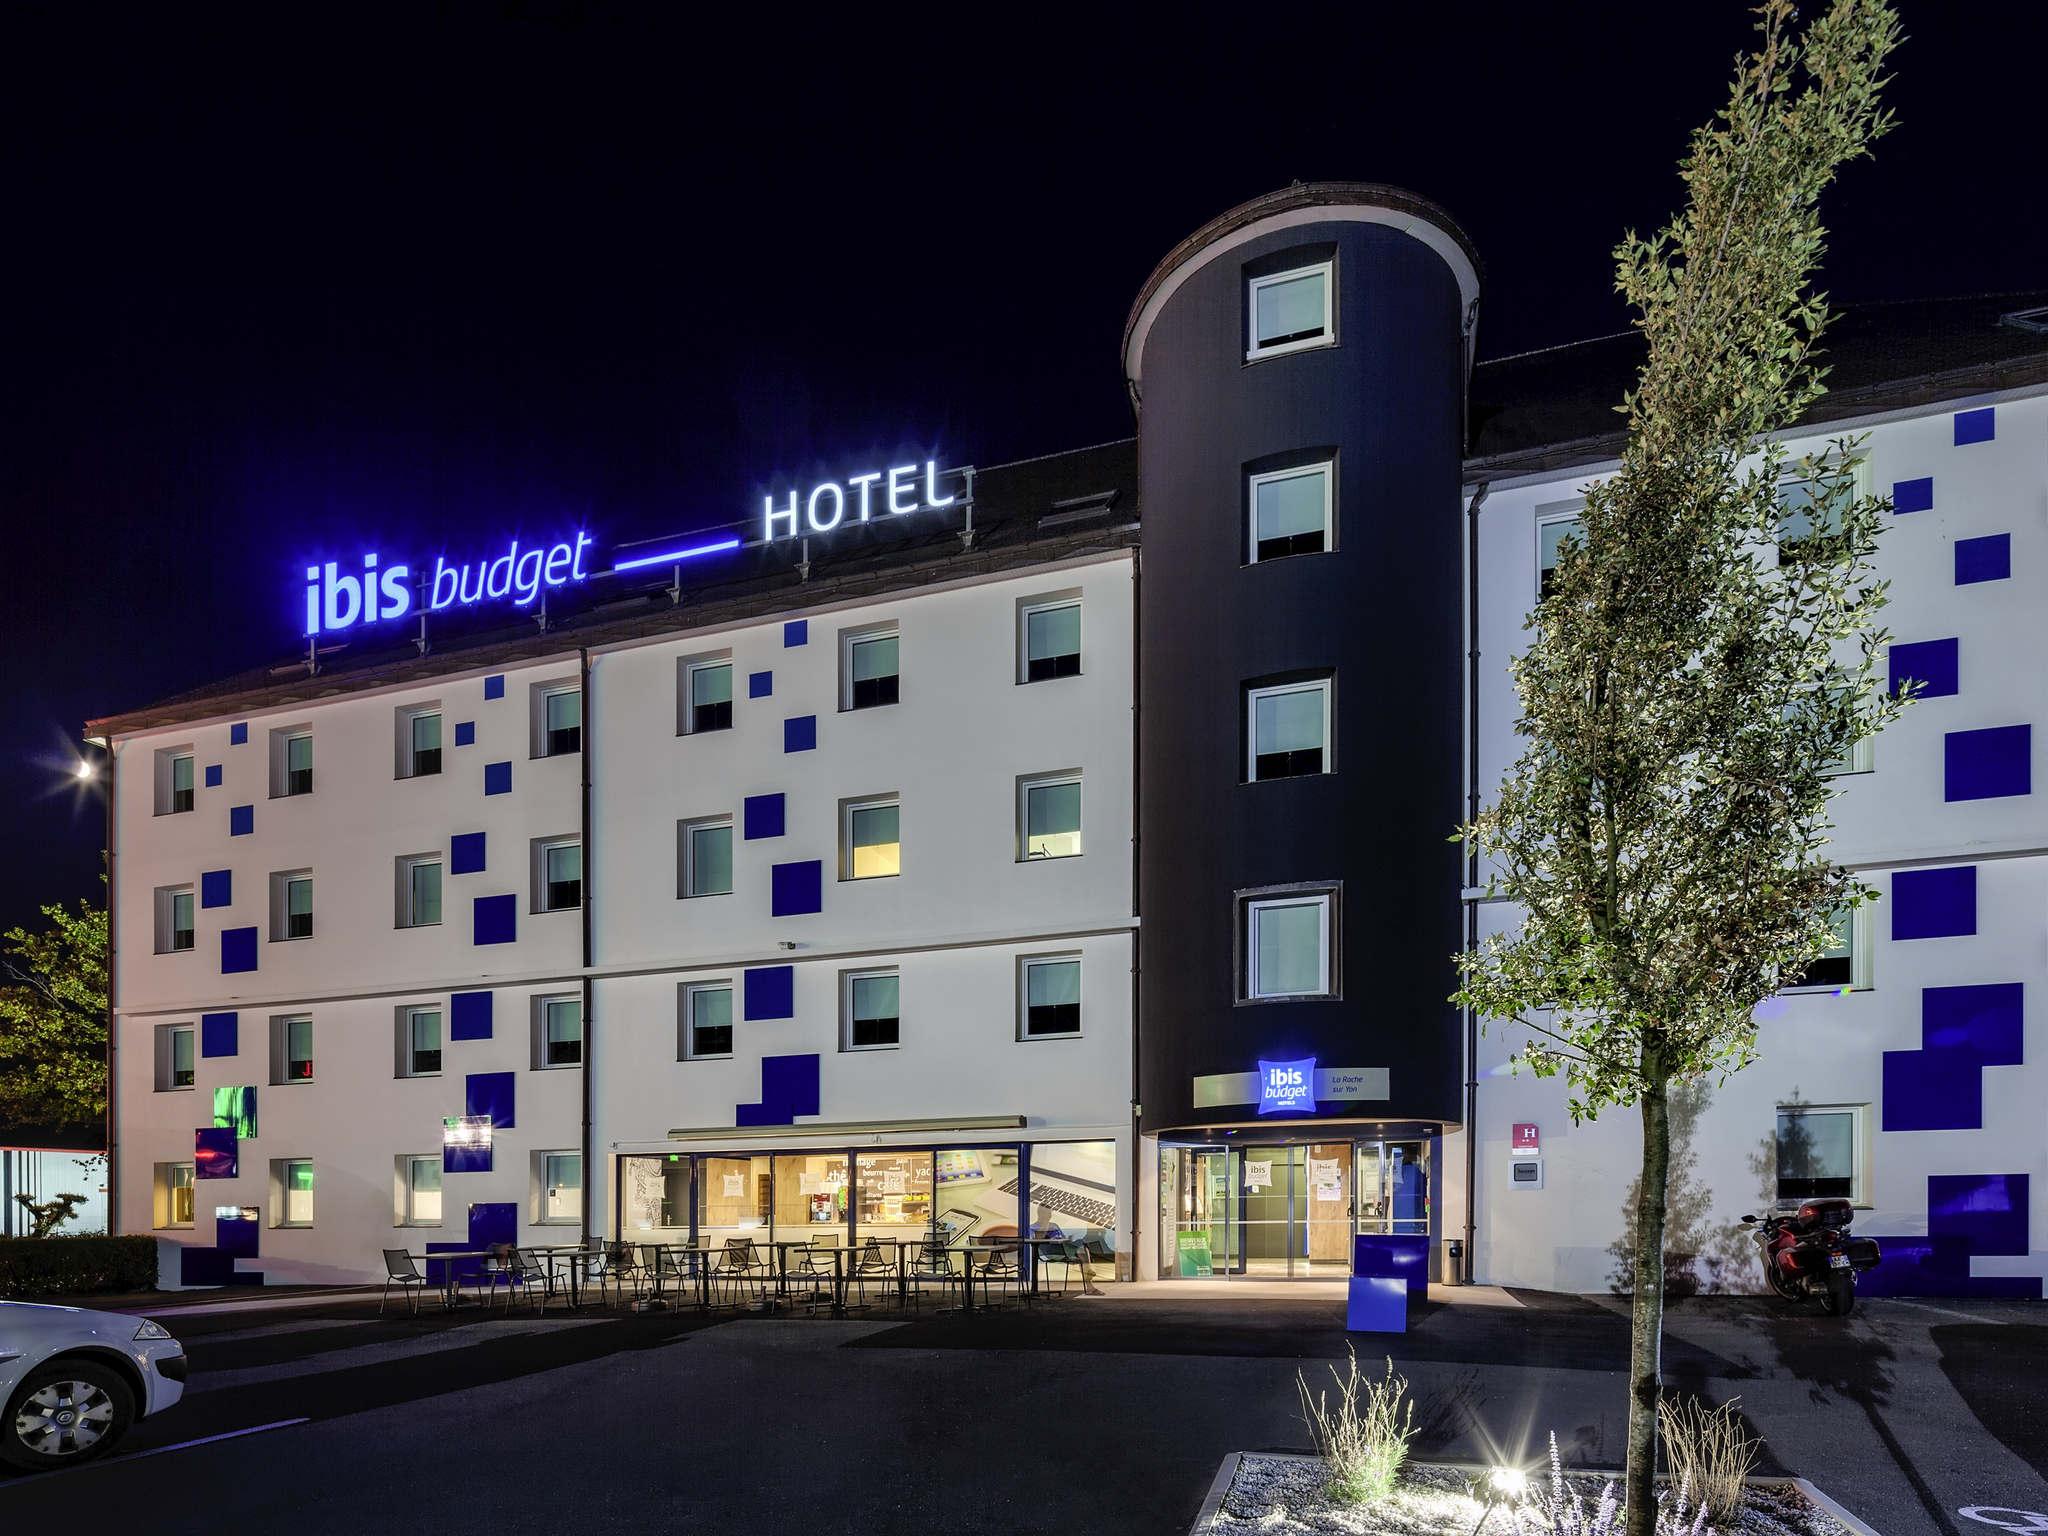 Hotel - ibis budget La Roche Sur Yon